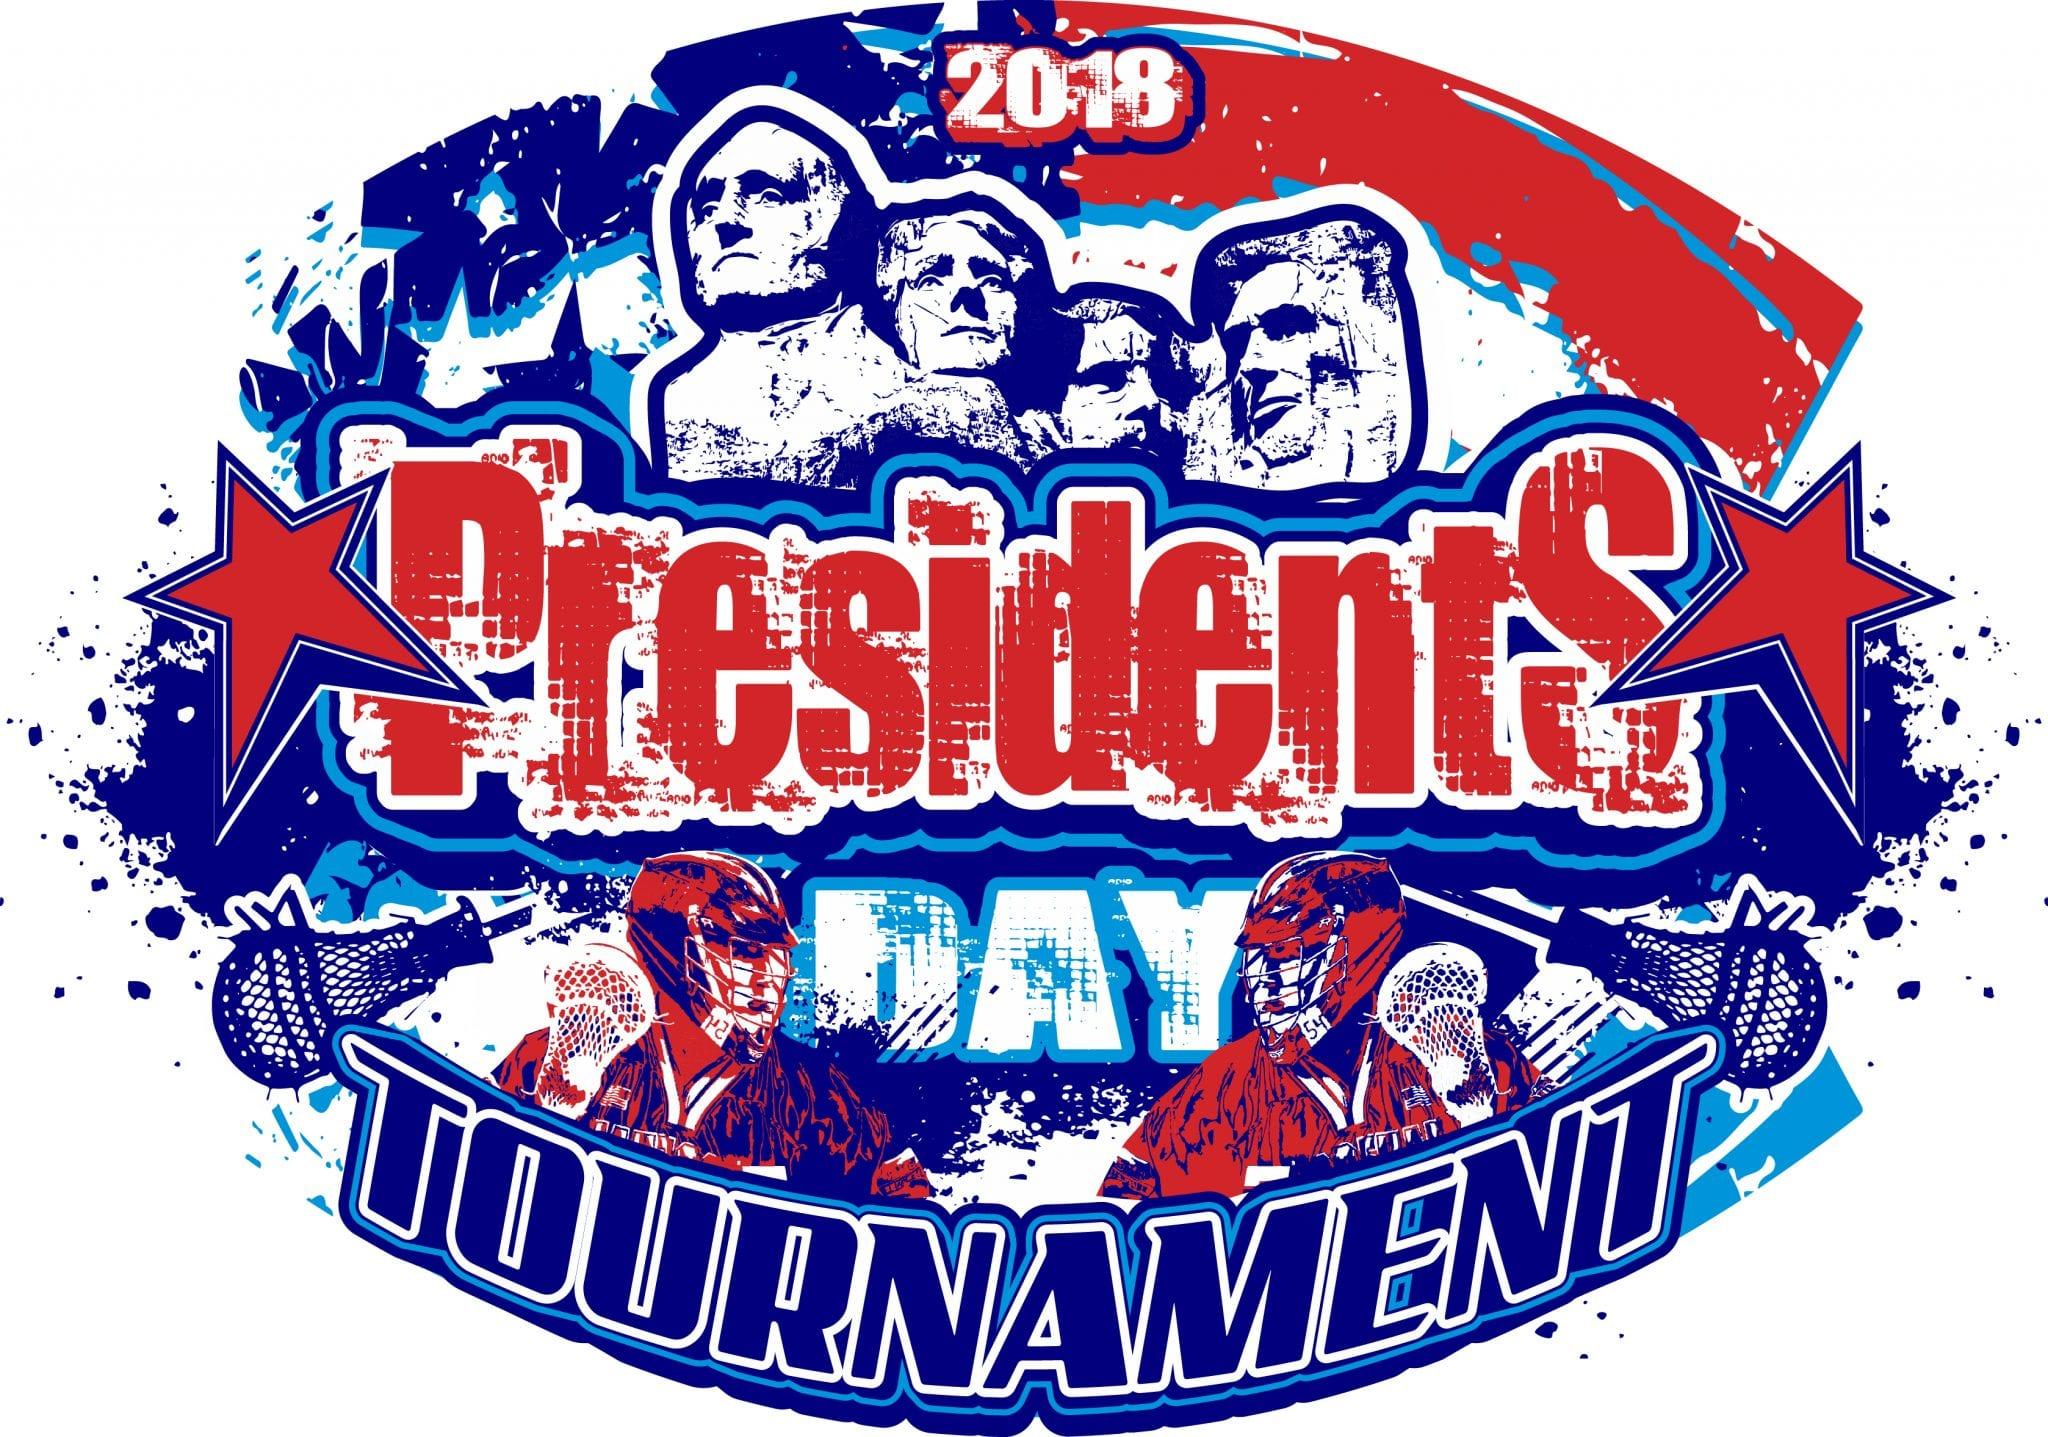 LACROSSE PRESIDENTS DAY TOURNAMNET 2018 T-shirt vector logo design for print